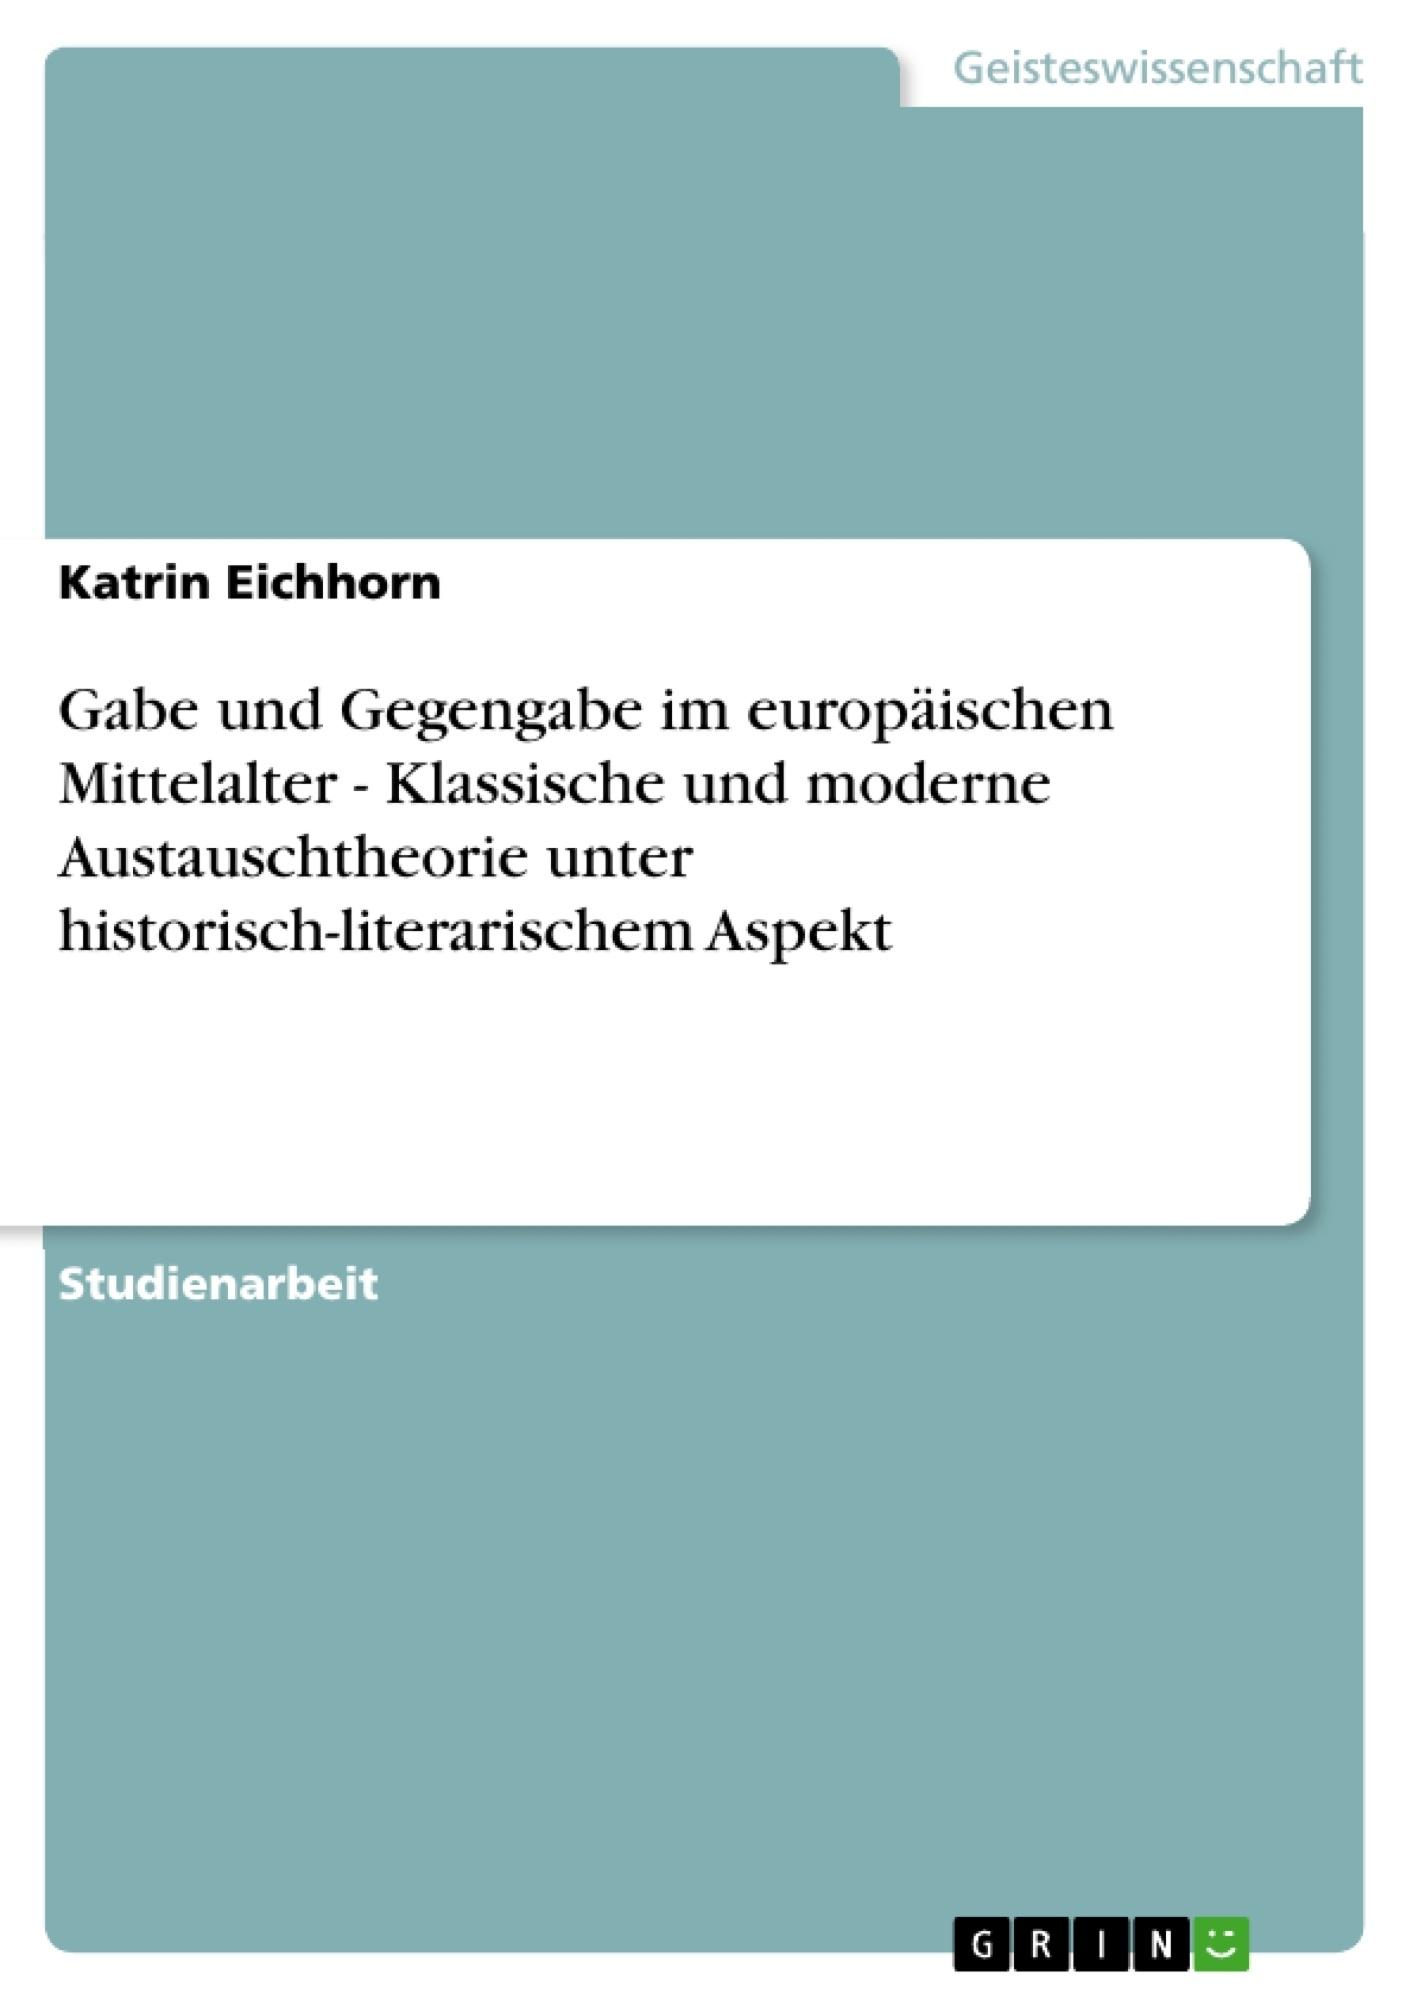 Titel: Gabe und Gegengabe im europäischen Mittelalter - Klassische und moderne Austauschtheorie unter historisch-literarischem Aspekt